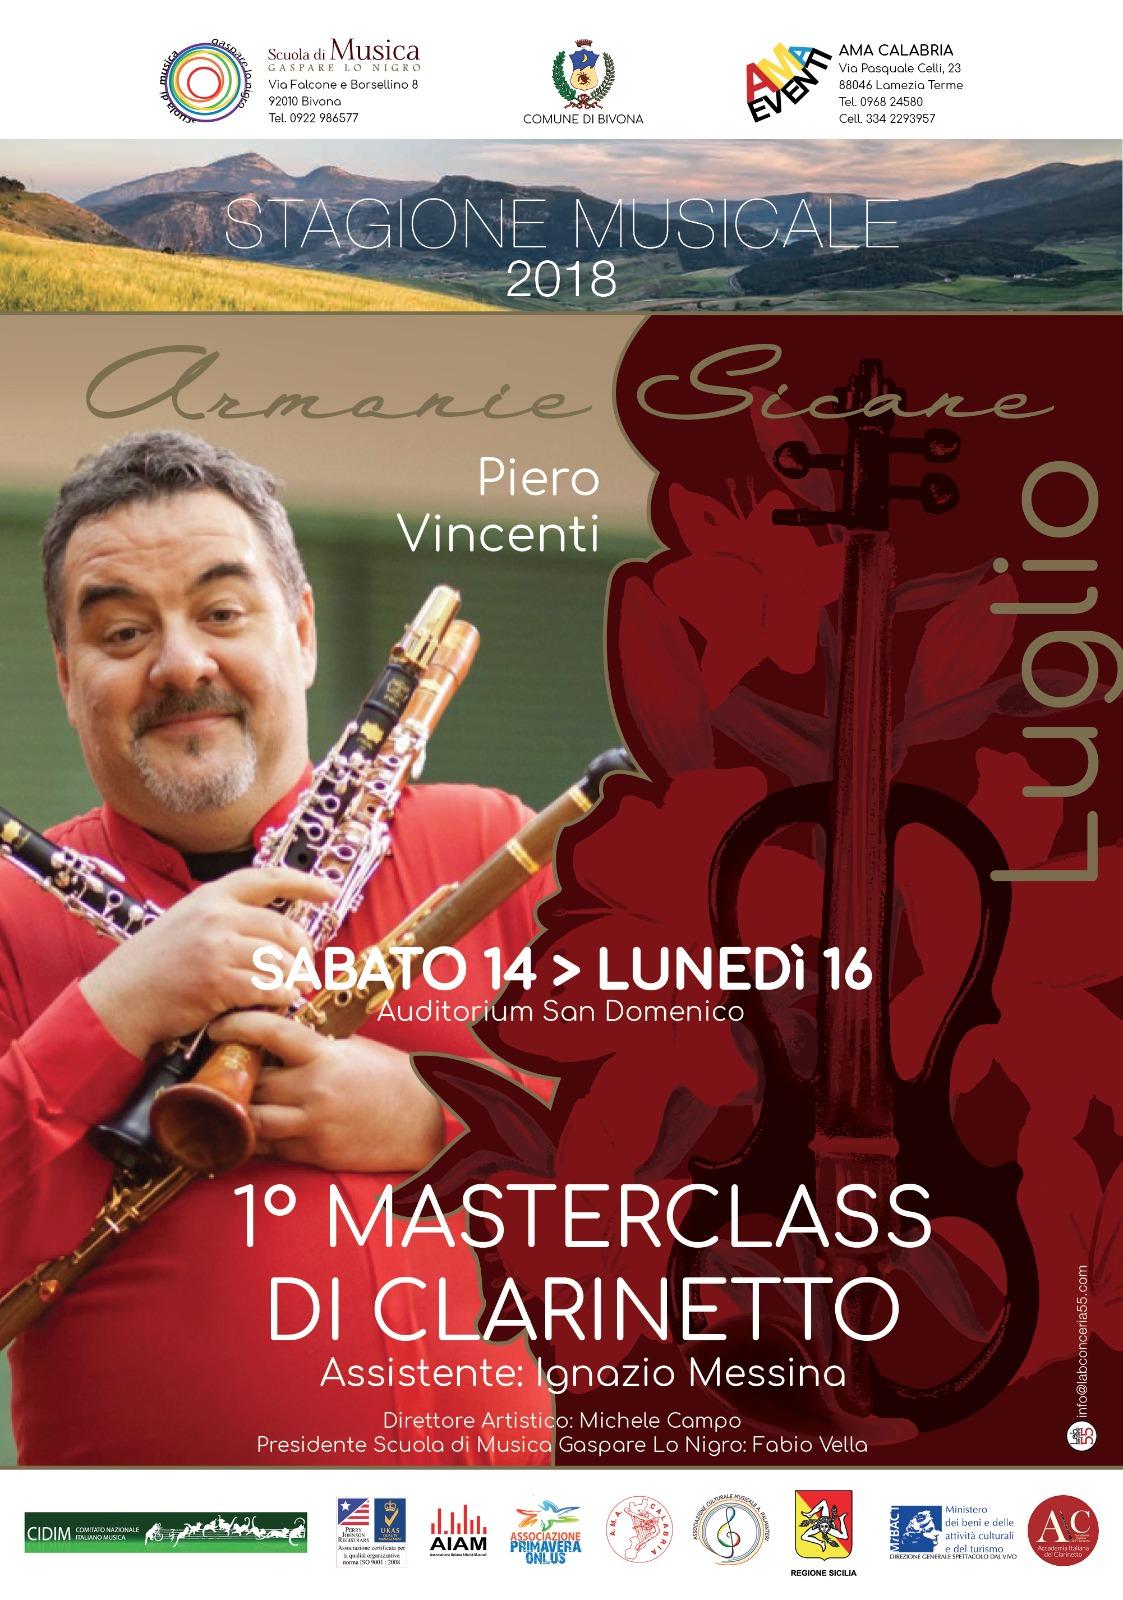 05 Masterclass Clarinetto